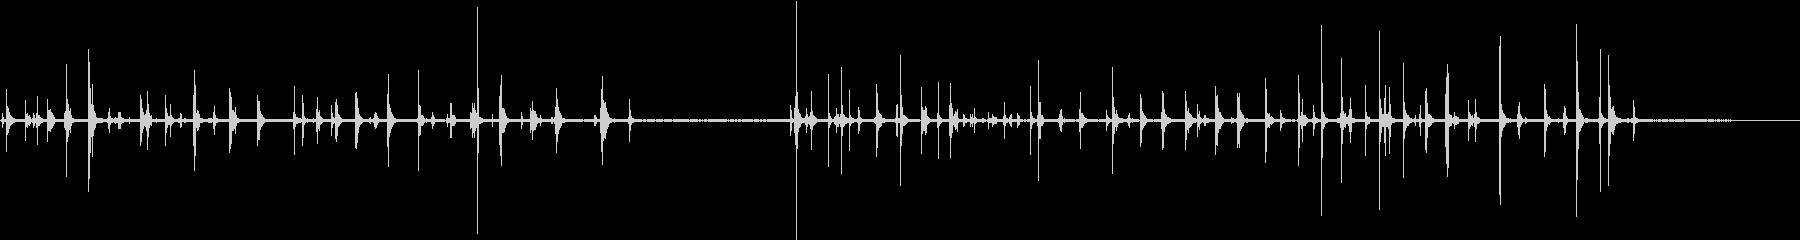 ラップトップコンピュータ:タイピン...の未再生の波形